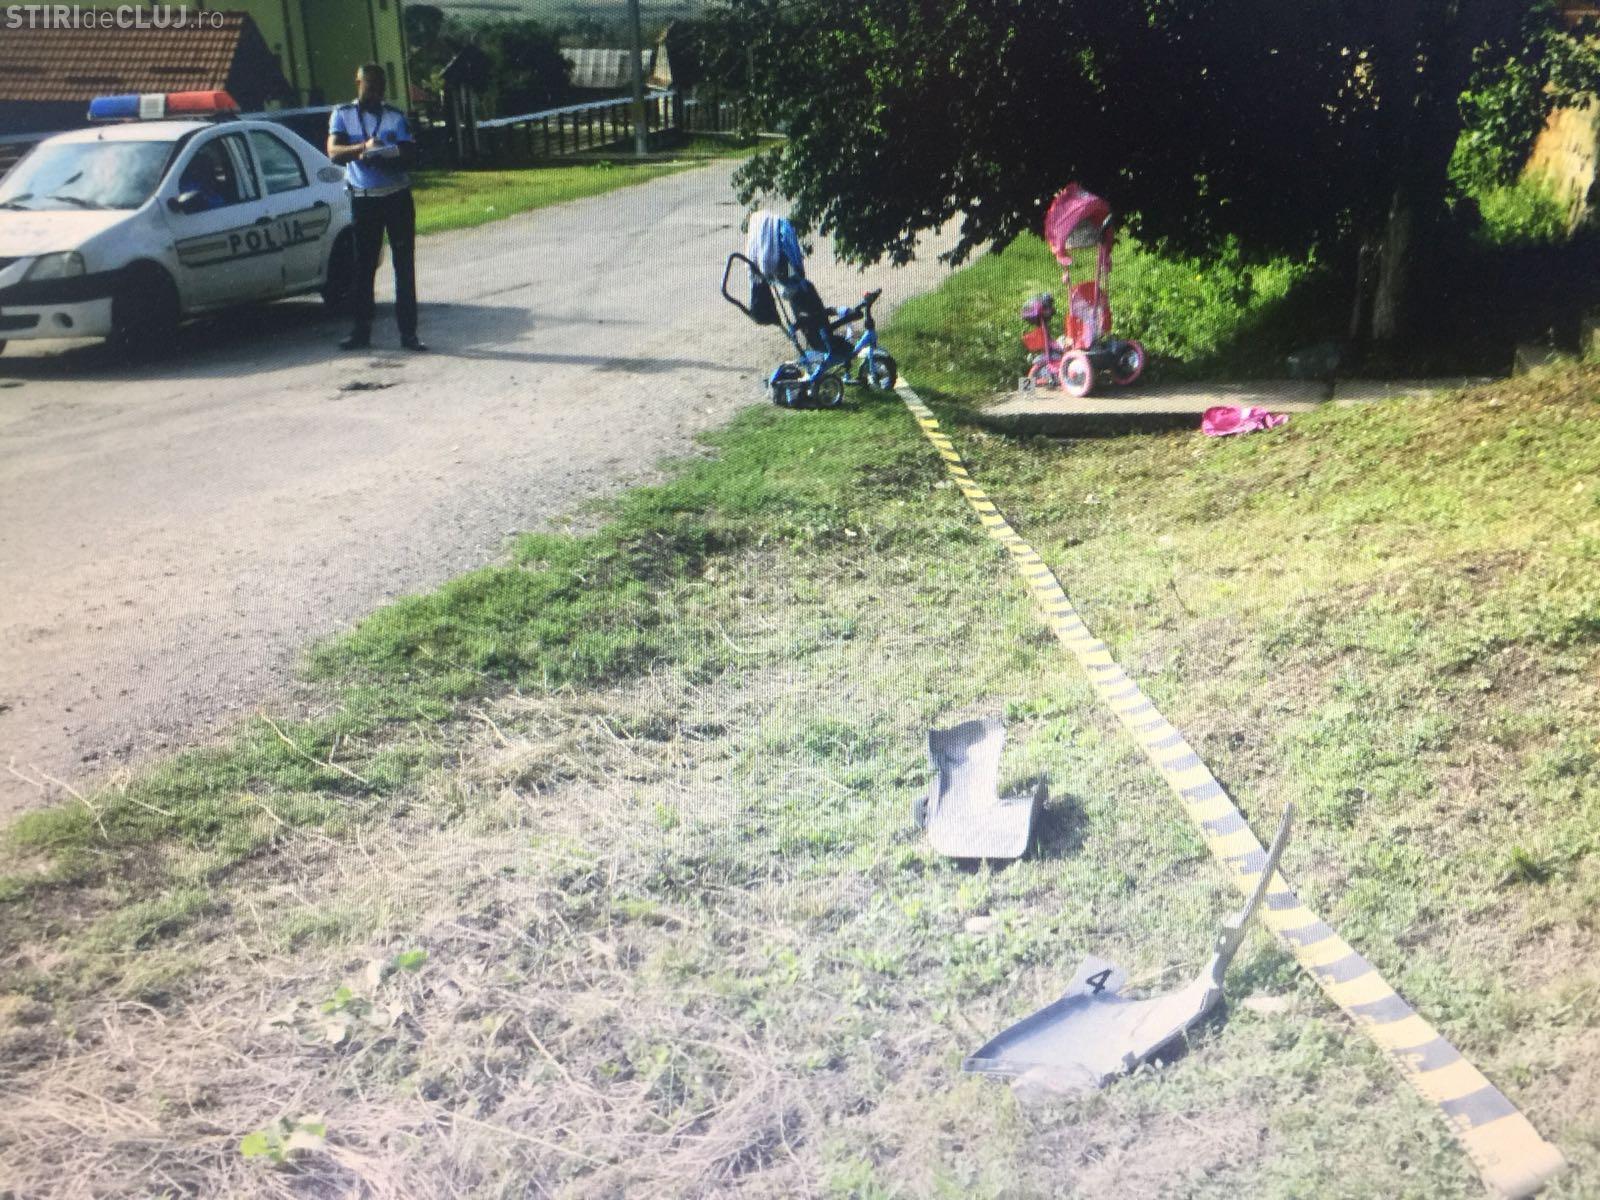 Imagini LIVE cu accidentul de la Borșa! Șoferul care a lovit o mamă și pe fiica ei avea 3,32 g/l alcool în sânge - VIDEO